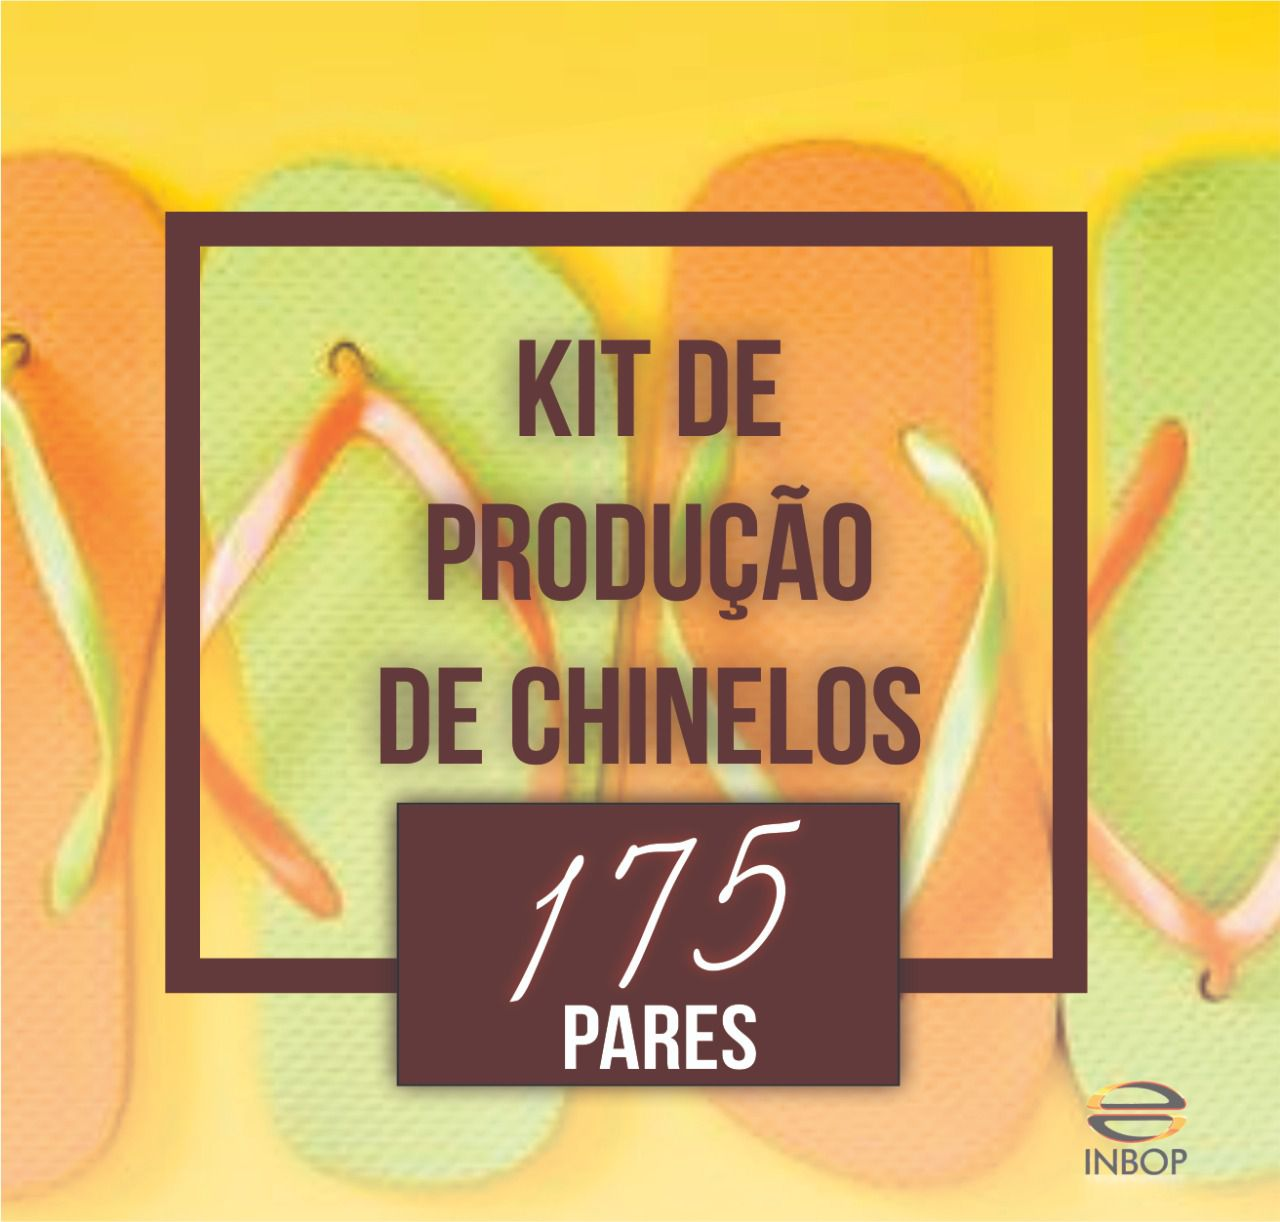 KIT de produção de chinelos  - INBOP - Indústria de Borrachas e Polímeros